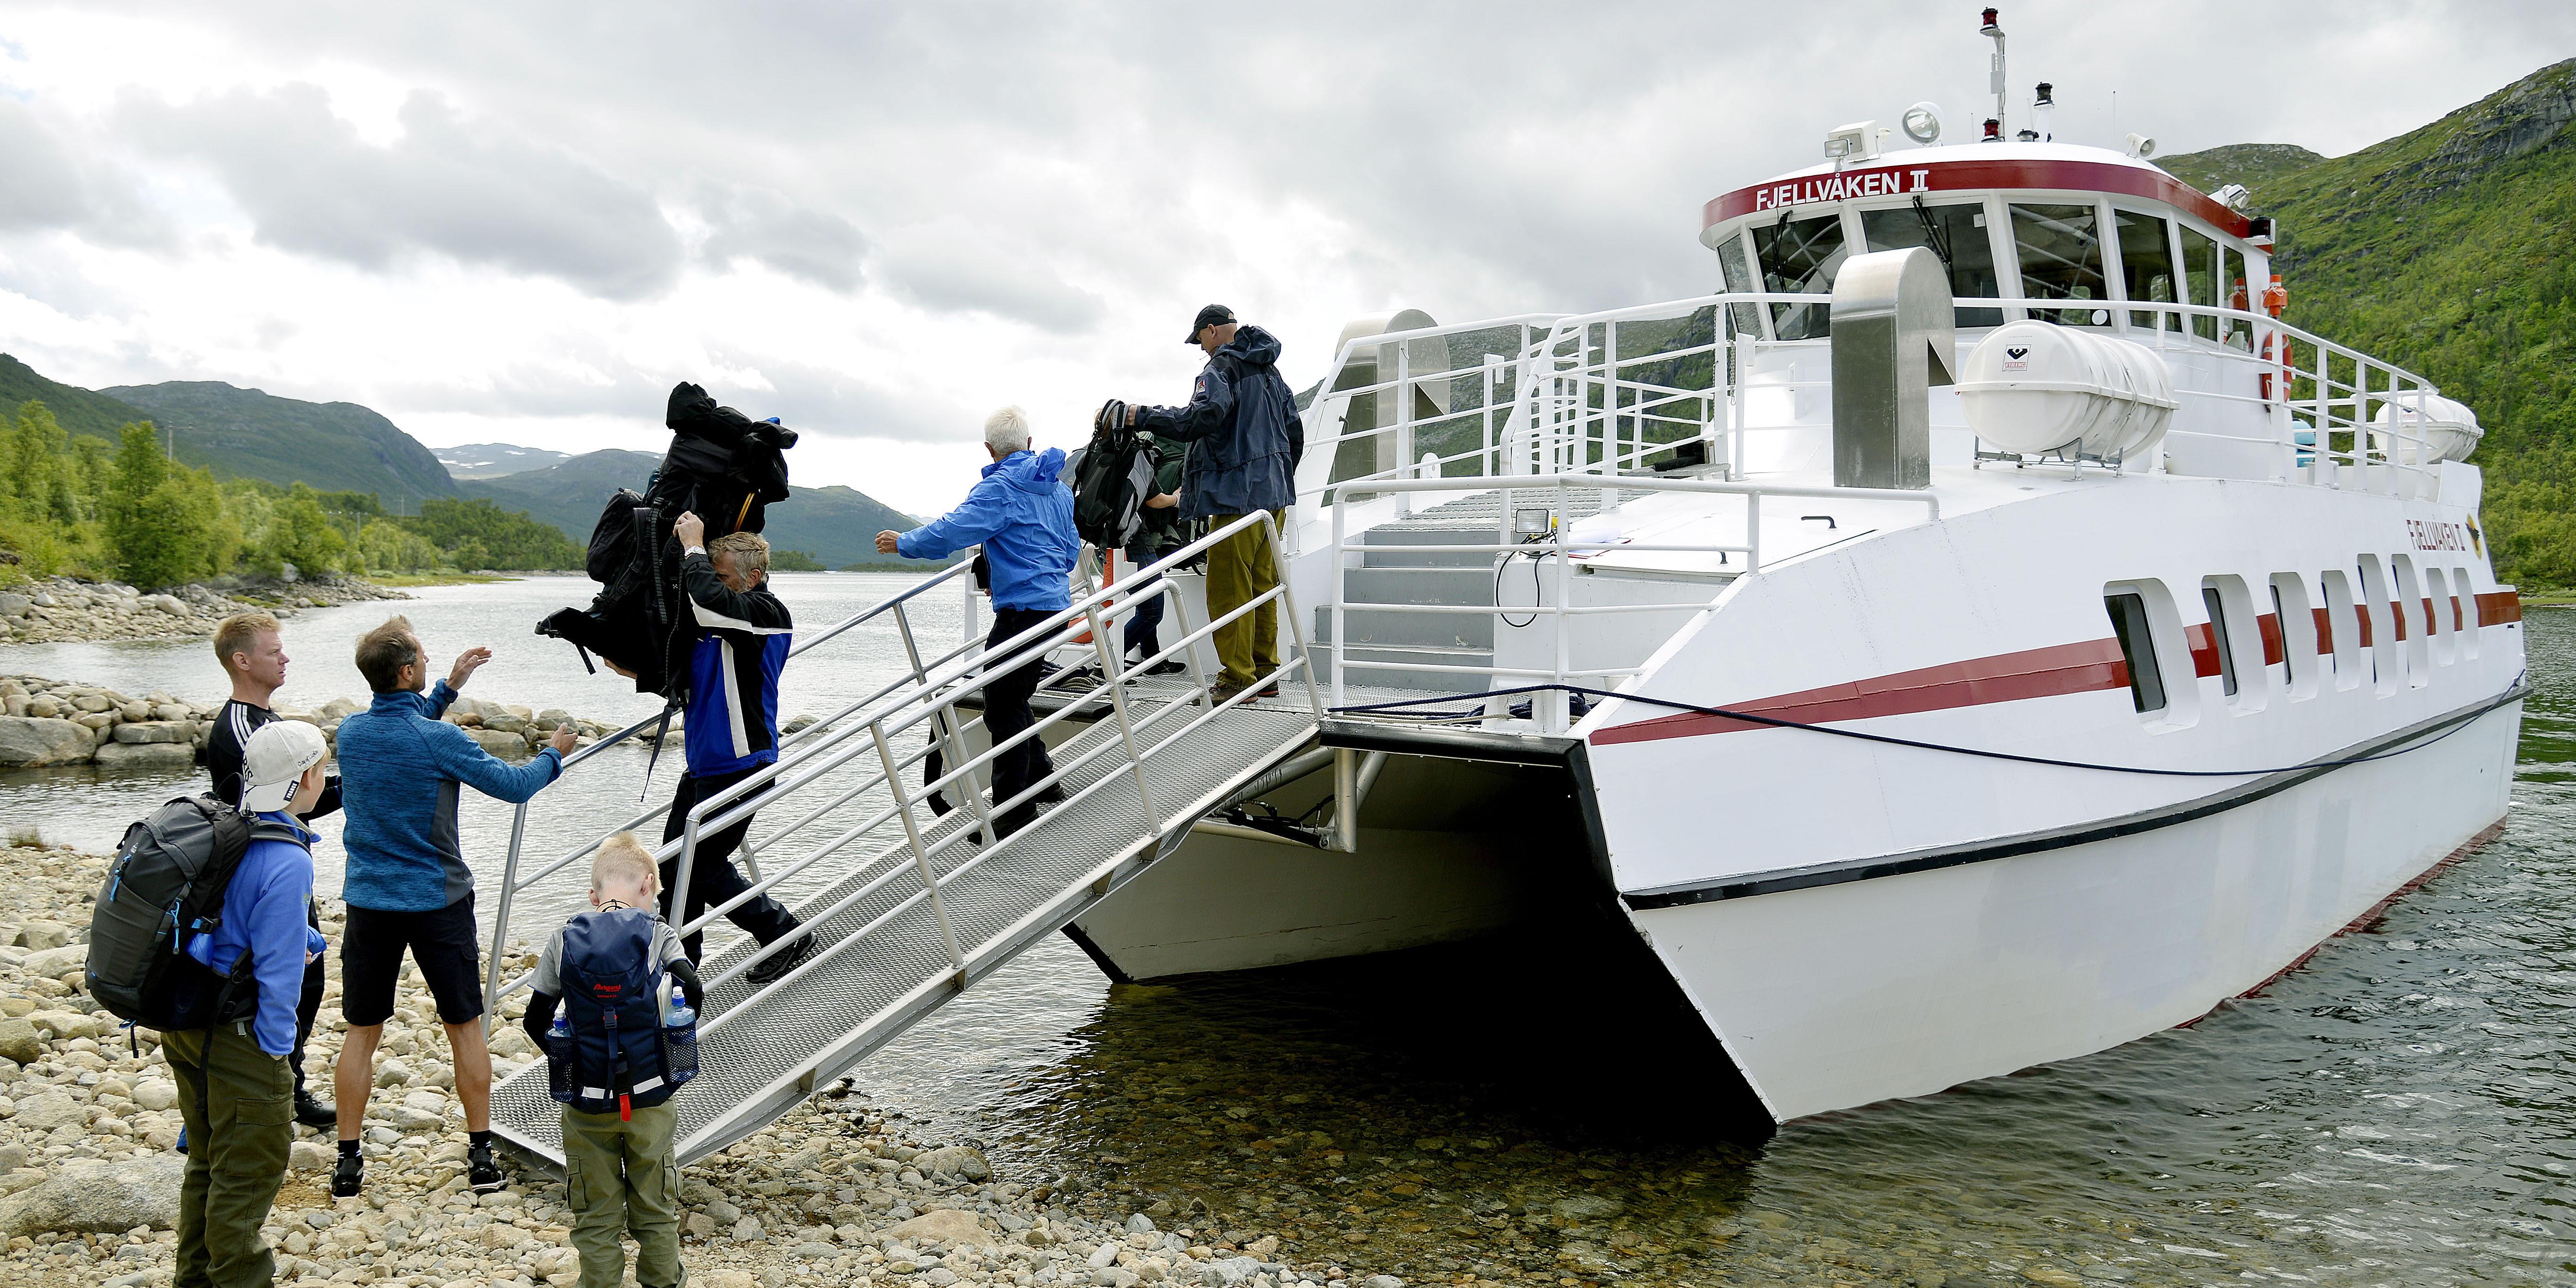 """SKYSS: M/B """"FjellvåkenII"""" er en viktig båt for fotturistene som skal gå på vidda. Fra Skinnarbu i Tinn tar båten deg inn det fire mil lange Møsvatn til turisthytta Mogen. Reisen går gjennom et kultur- og naturlandskap som du garantert vil la deg begeistre av.  Foto: Bjørn Harry Schønhau"""